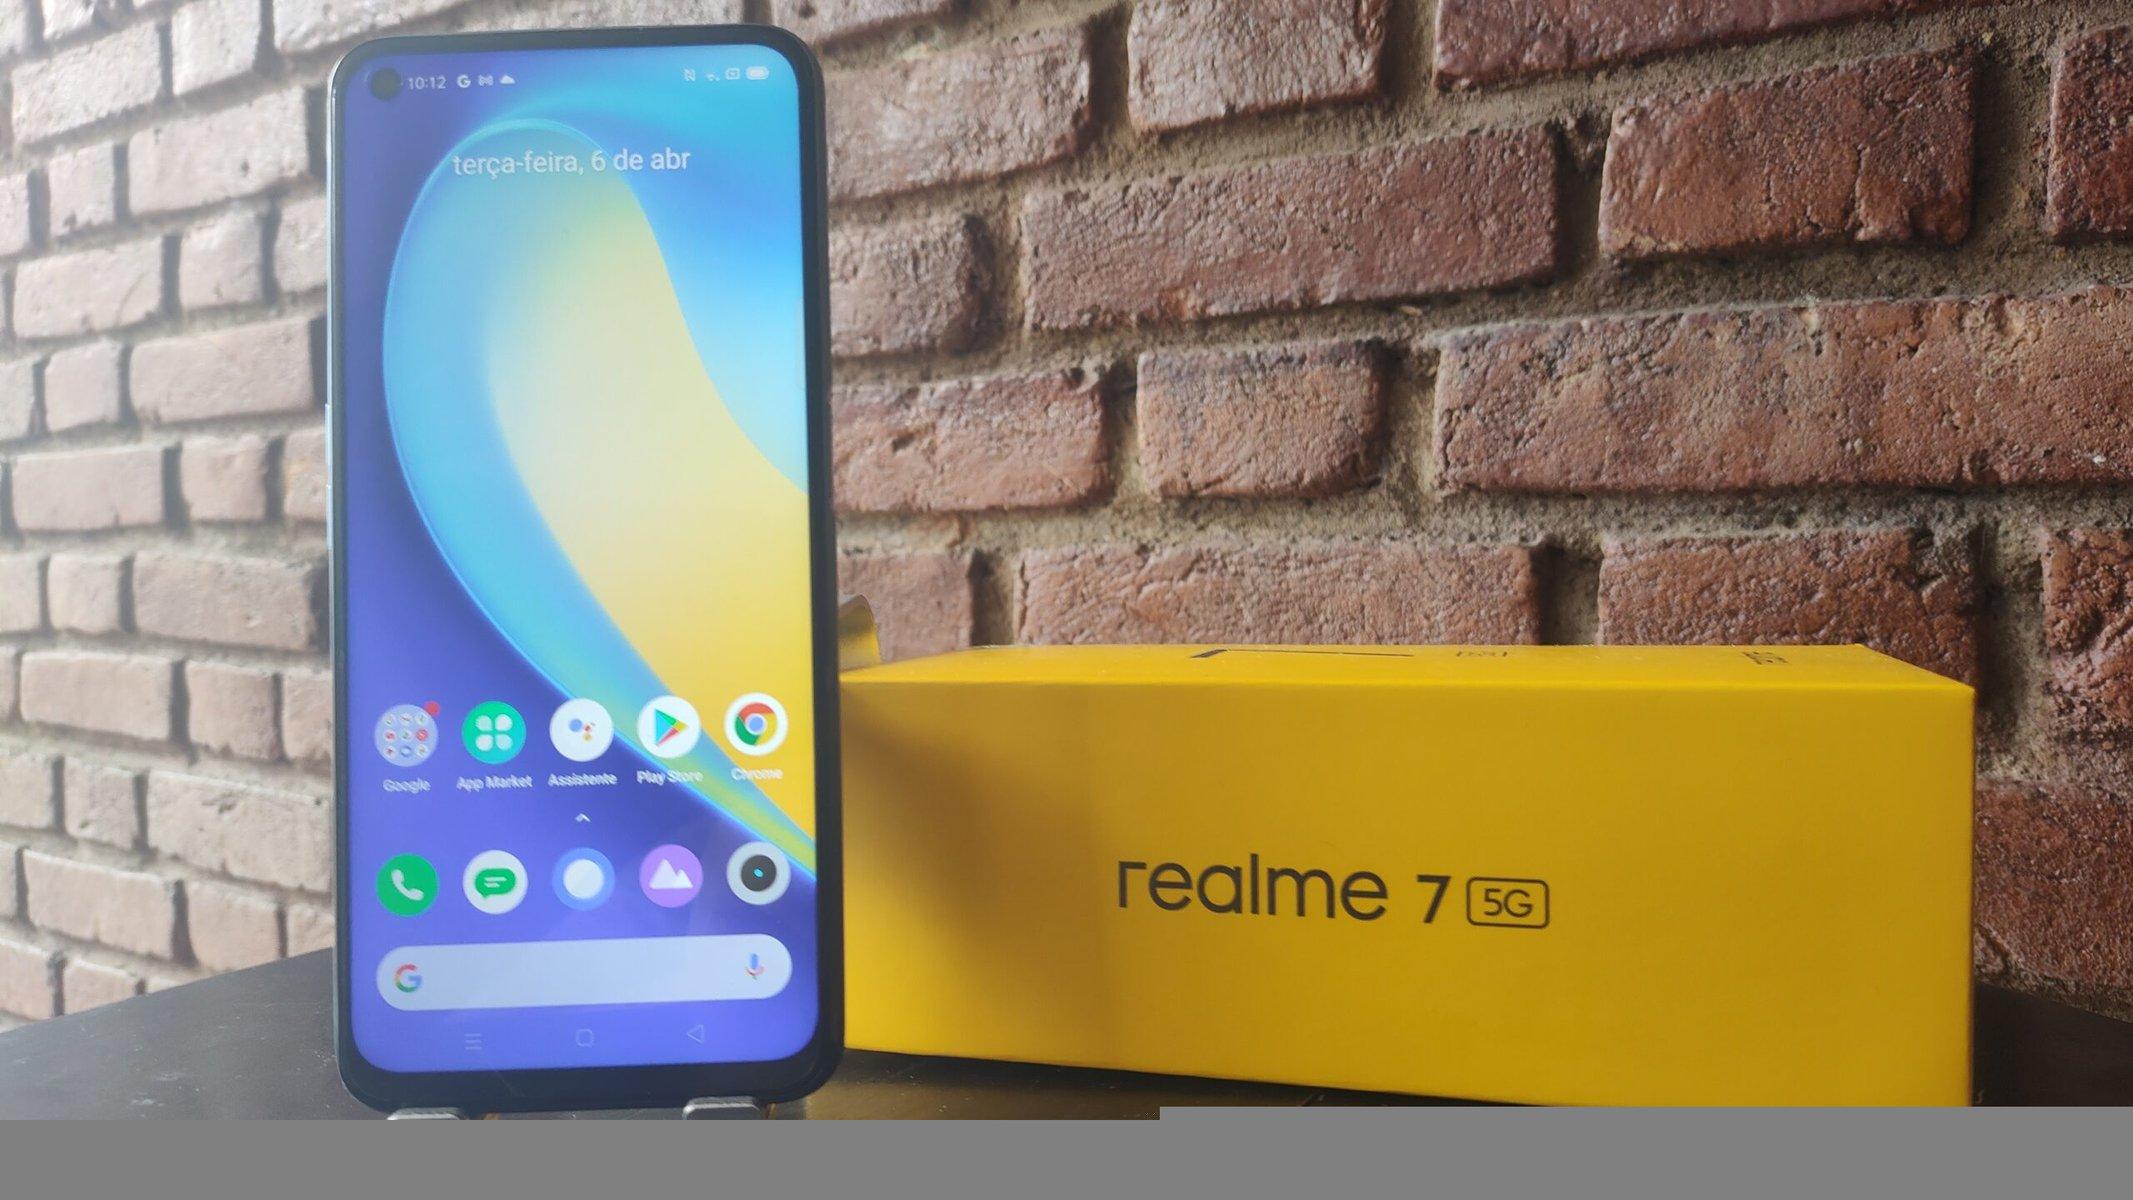 Review: realme 7 5g é o celular 5g mais acessível do brasil. Com a proposta de ser o smartphone 5g mais barato do brasil, o realme 7 5g chega com boas especificações e bateria com muito fôlego